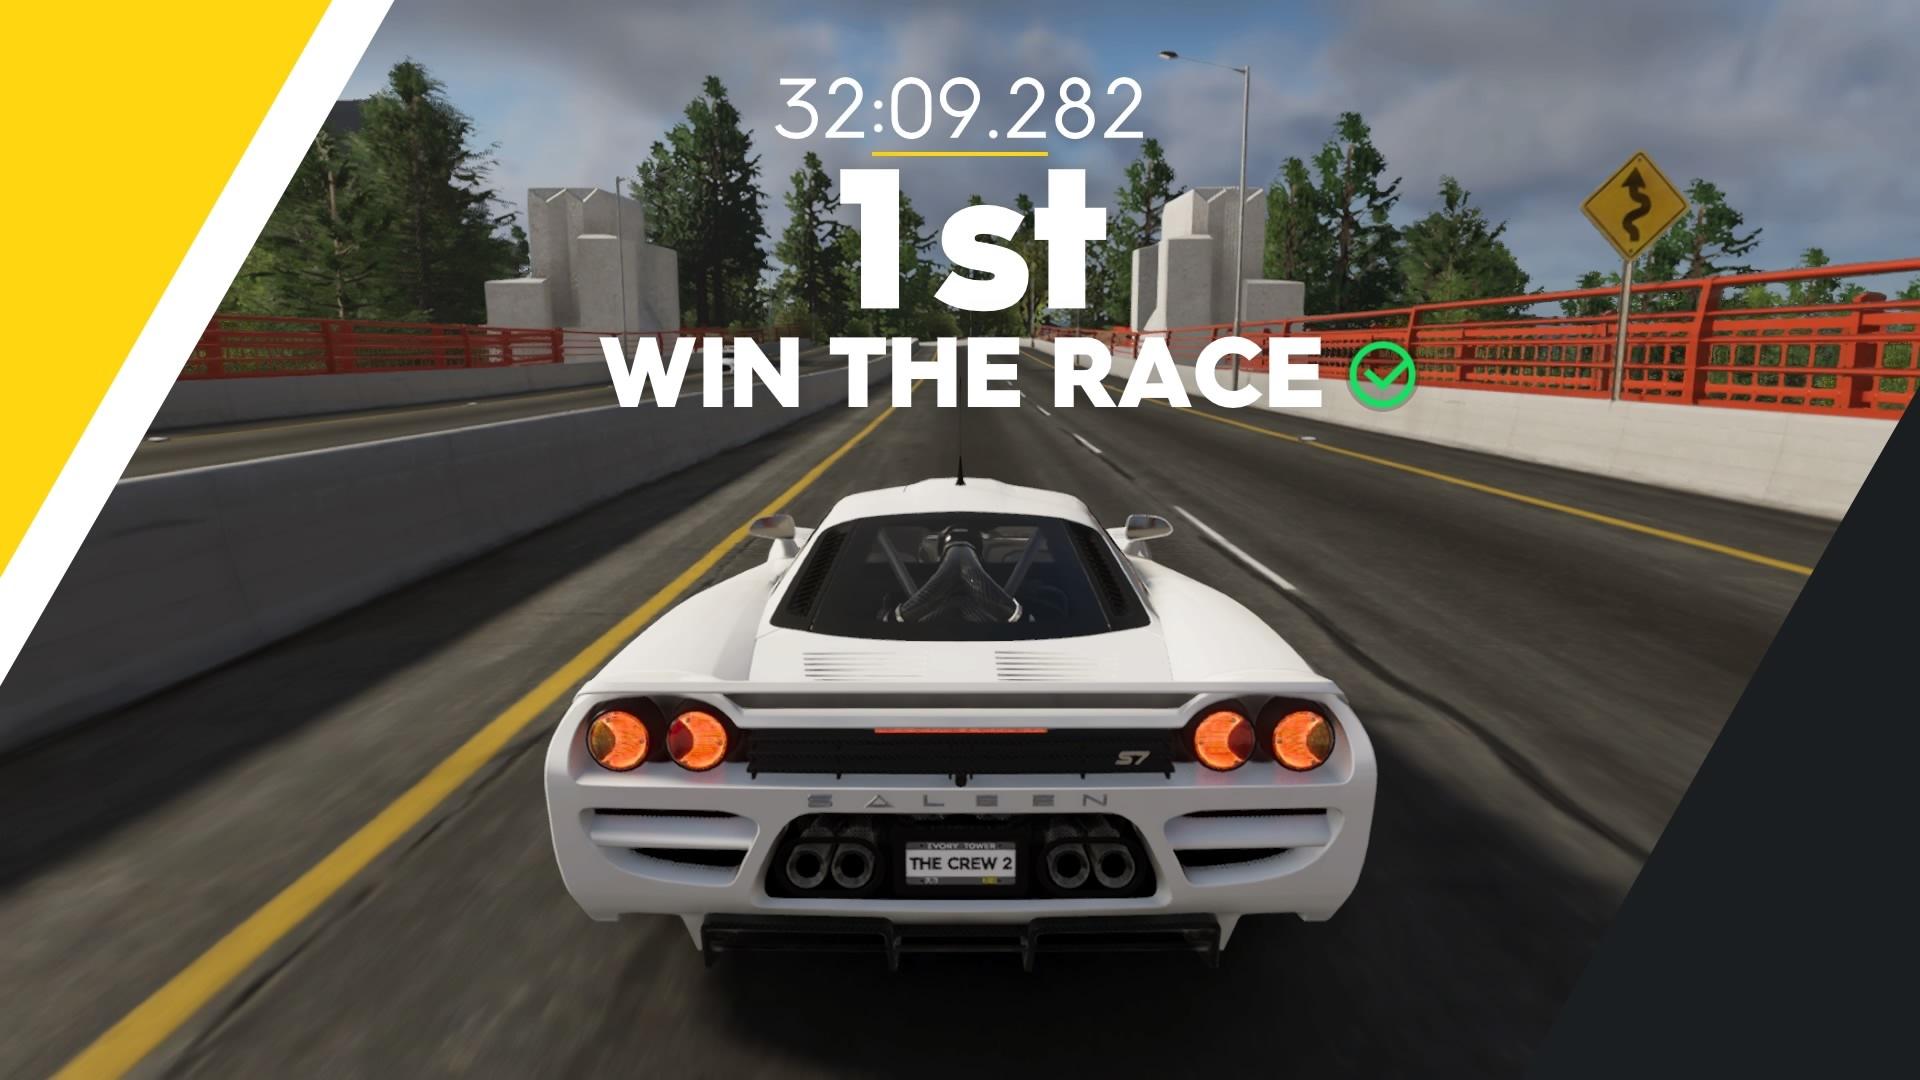 ゲーム「THE CREW2 SALEEN_S7 Twin-Turbo」_b0362459_20413072.jpg